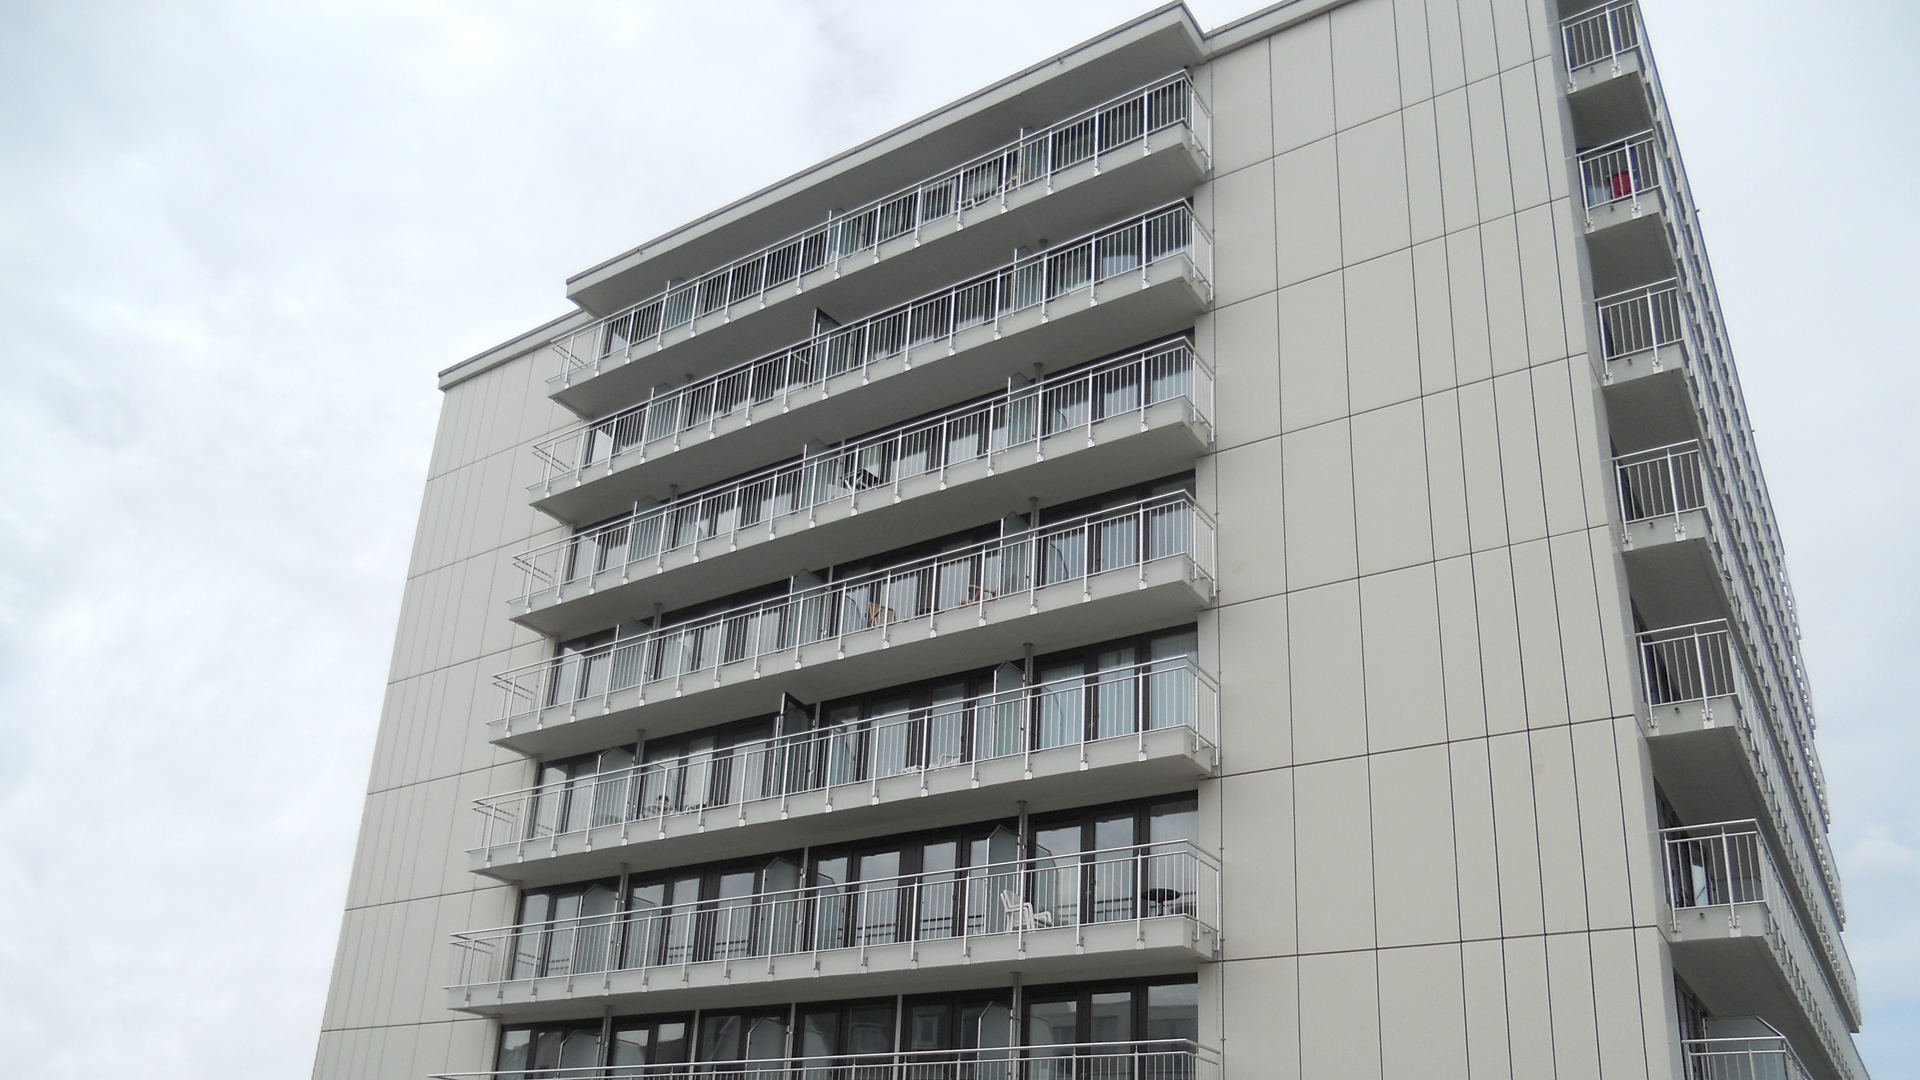 Fassadensanierung - Kaiserhof Hotel  - Norderney - 2016/2017